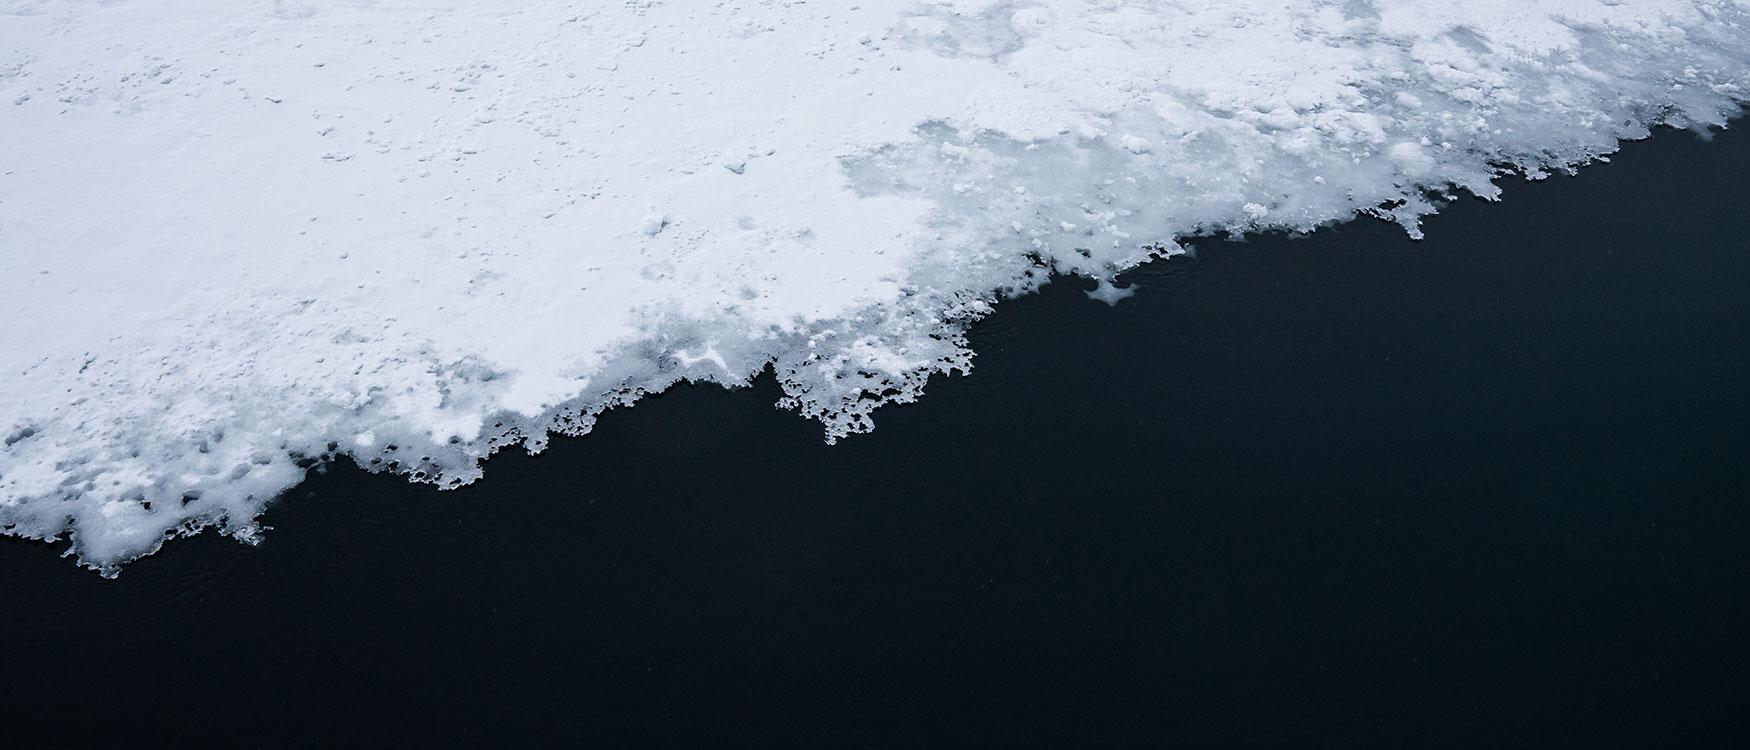 arktis-spitzbergen-eis